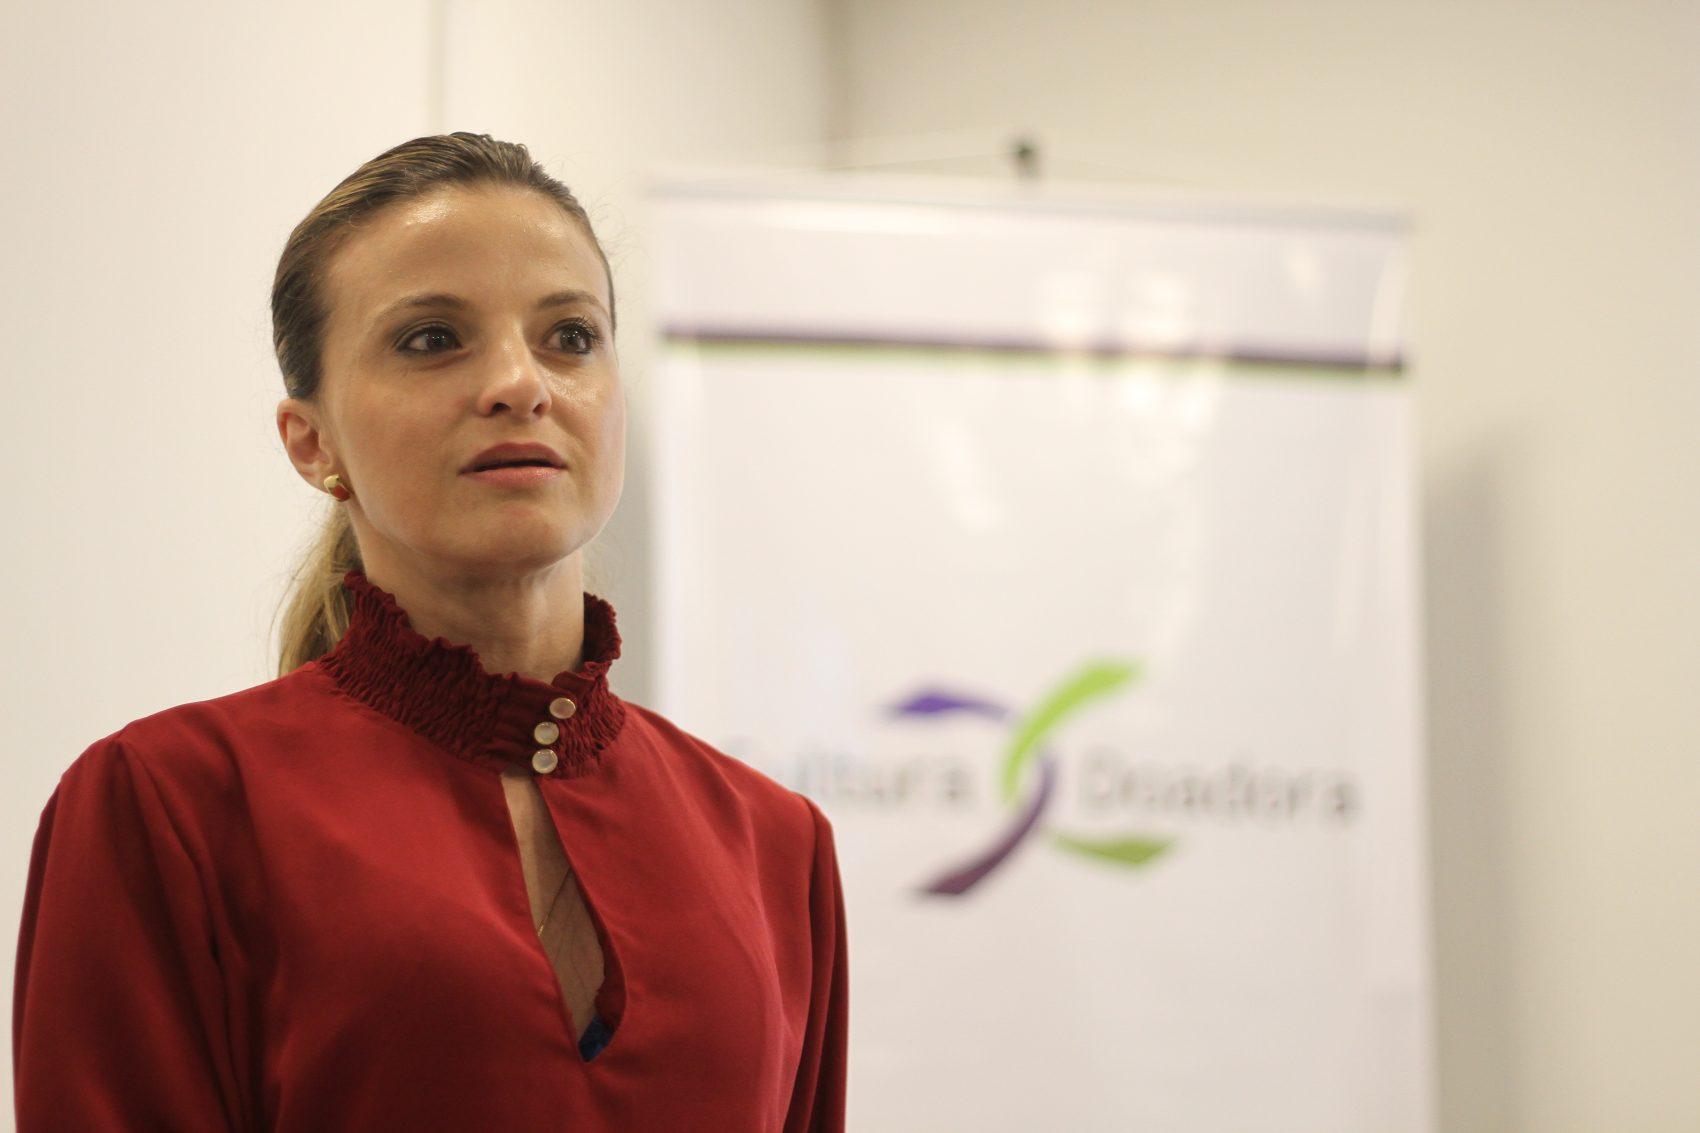 Tatiane Michelon, a equipe de transplante renal do Hospital de Clínicas de Porto Alegre